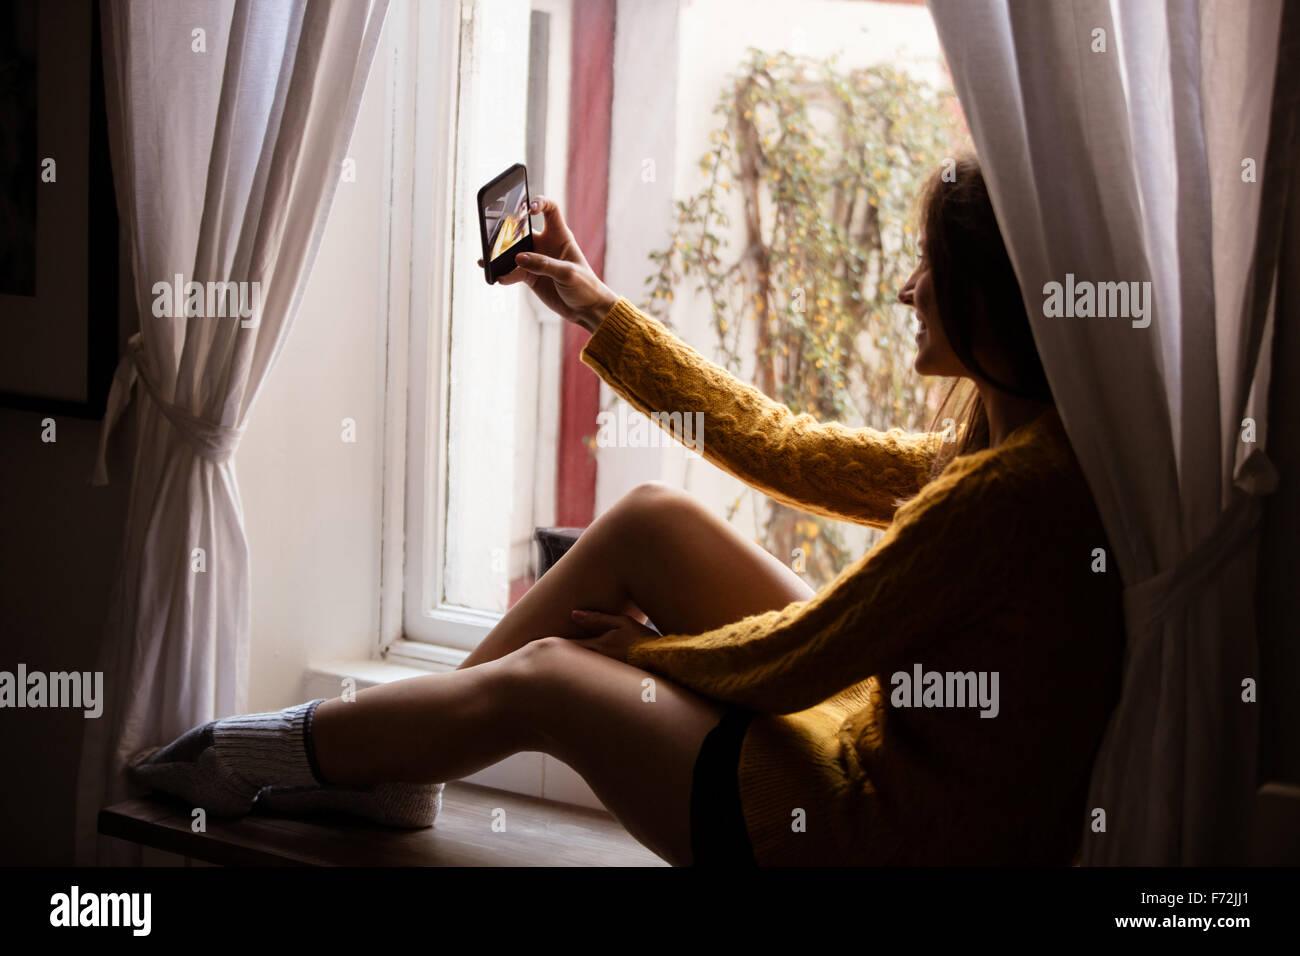 Jeune Femme prenant une près de la fenêtre selfies Banque D'Images